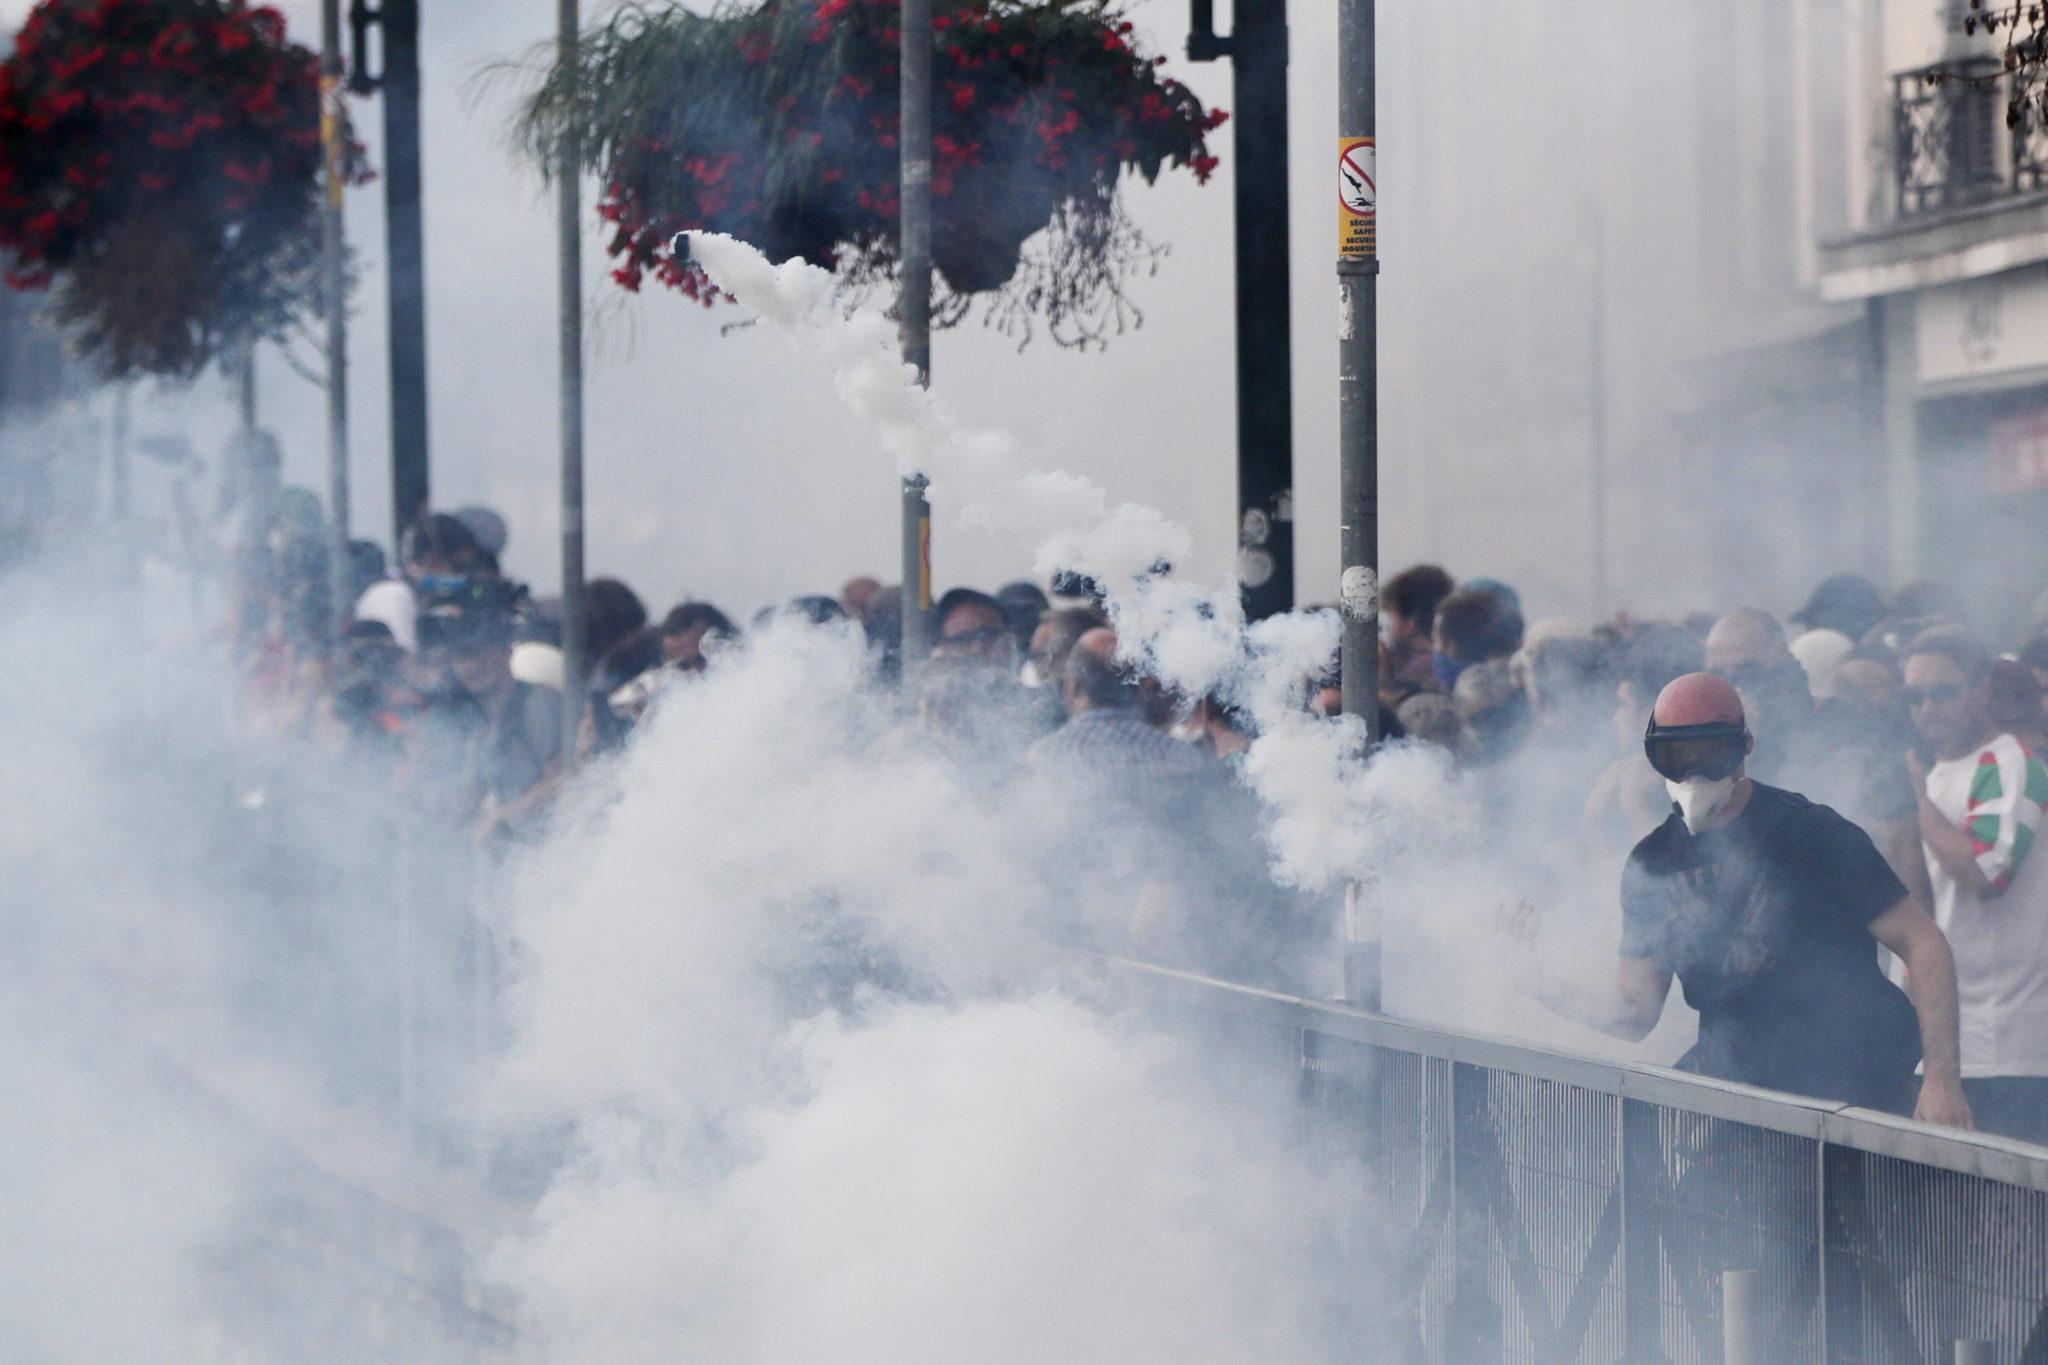 Francja: policja starła się z protestującymi podczas demonstracji przeciwko szczytowi G7 w Bayonne, niedaleko Biarritz. Fot. GUILLAUME HORCAJUELO/epa